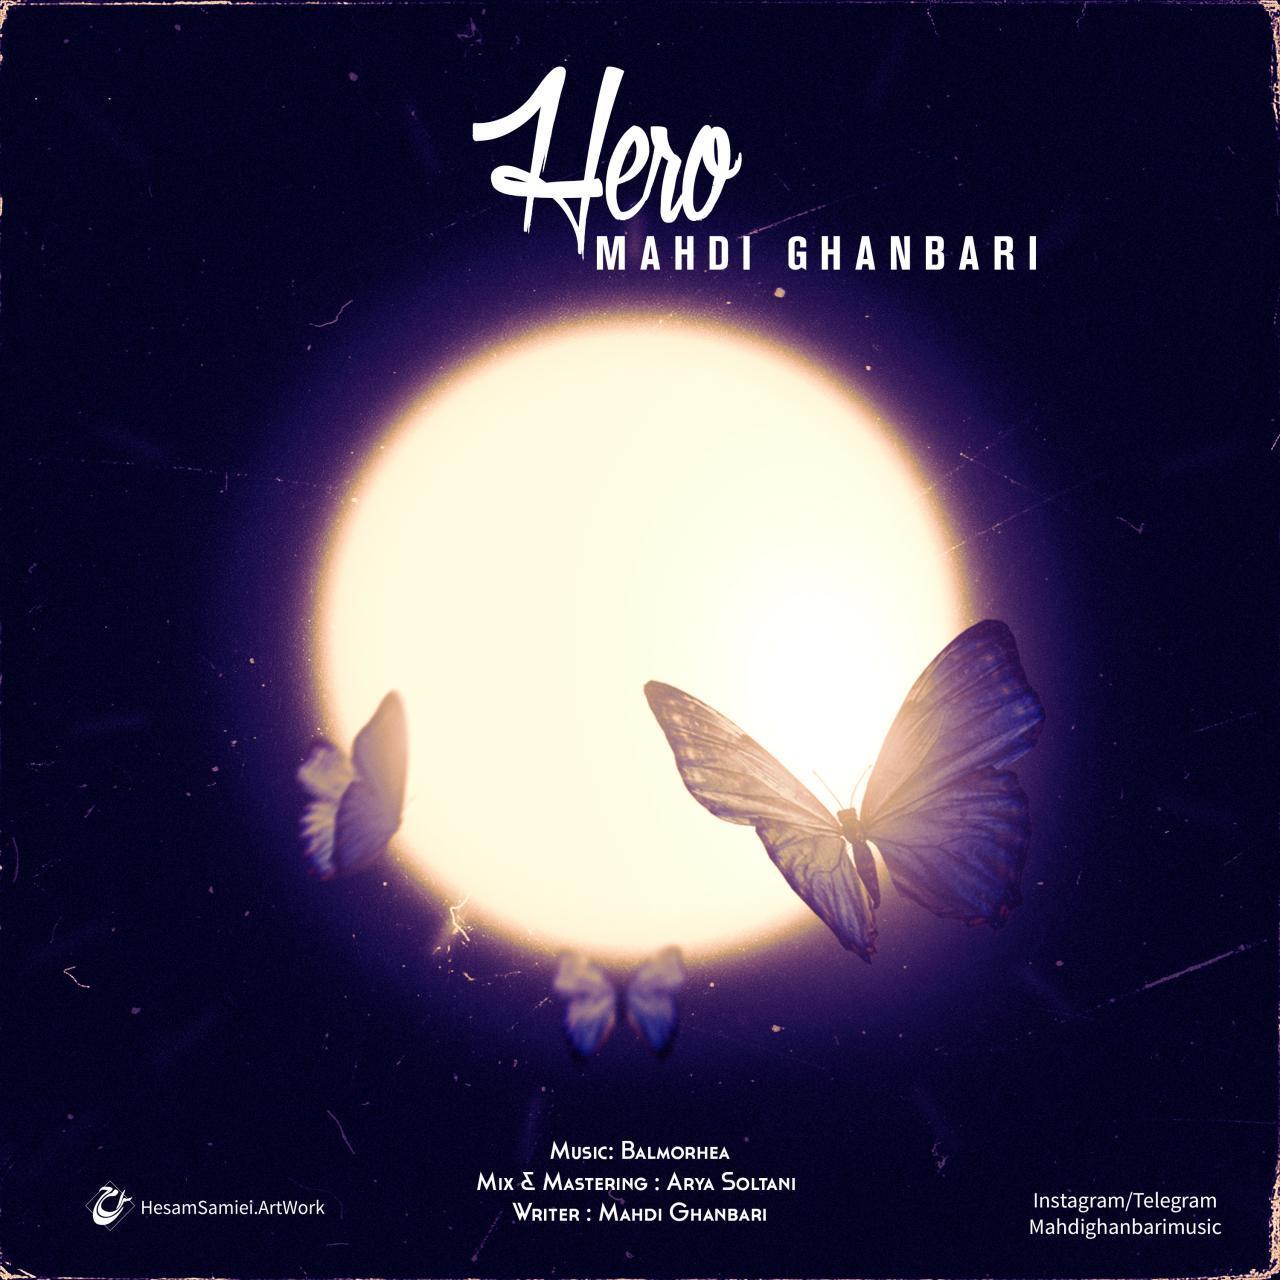 Mahdi Ghanbari – Hero